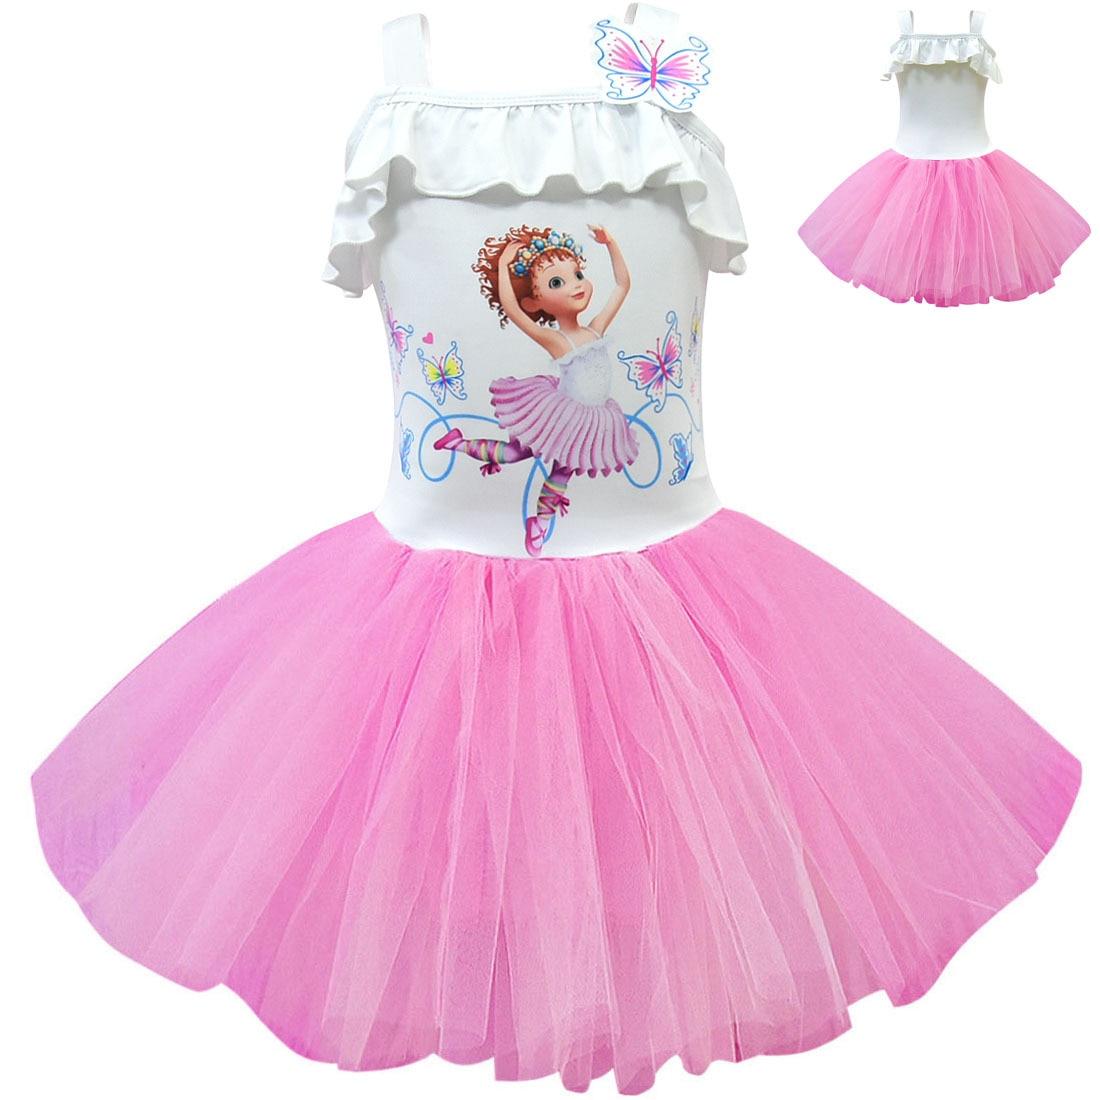 e97262299 Blanco fancy nancy bailarina ballet tutu para niño niños niñas adultos de  tutu danza disfraces ...